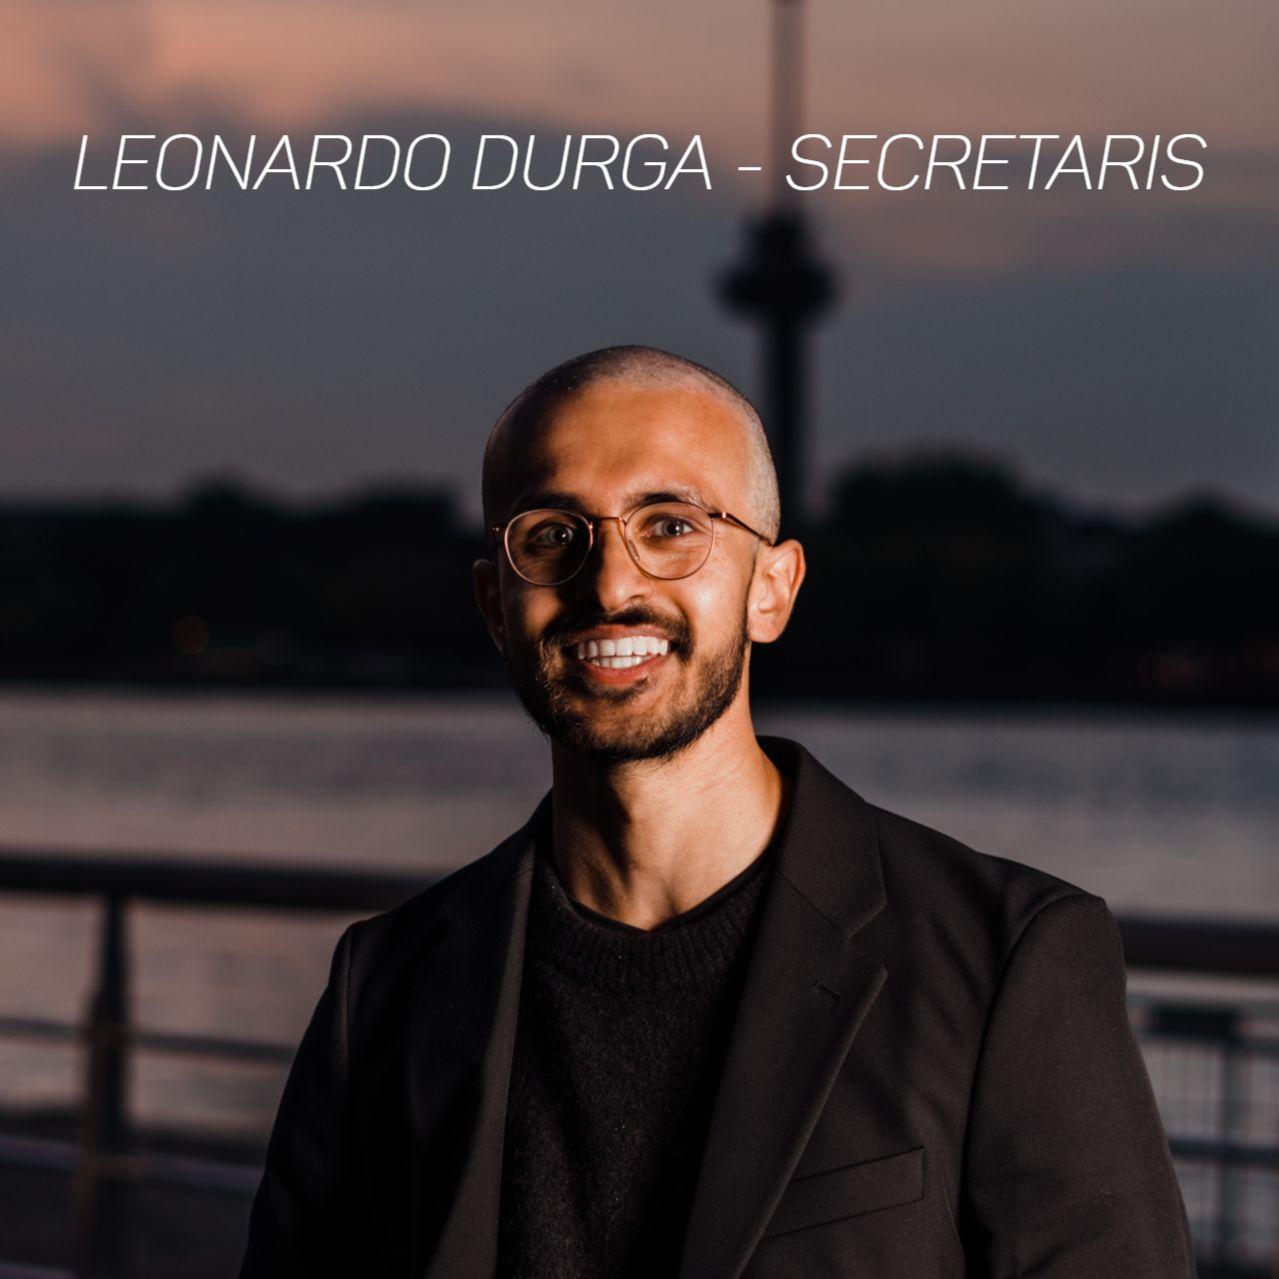 Leonardo Durga